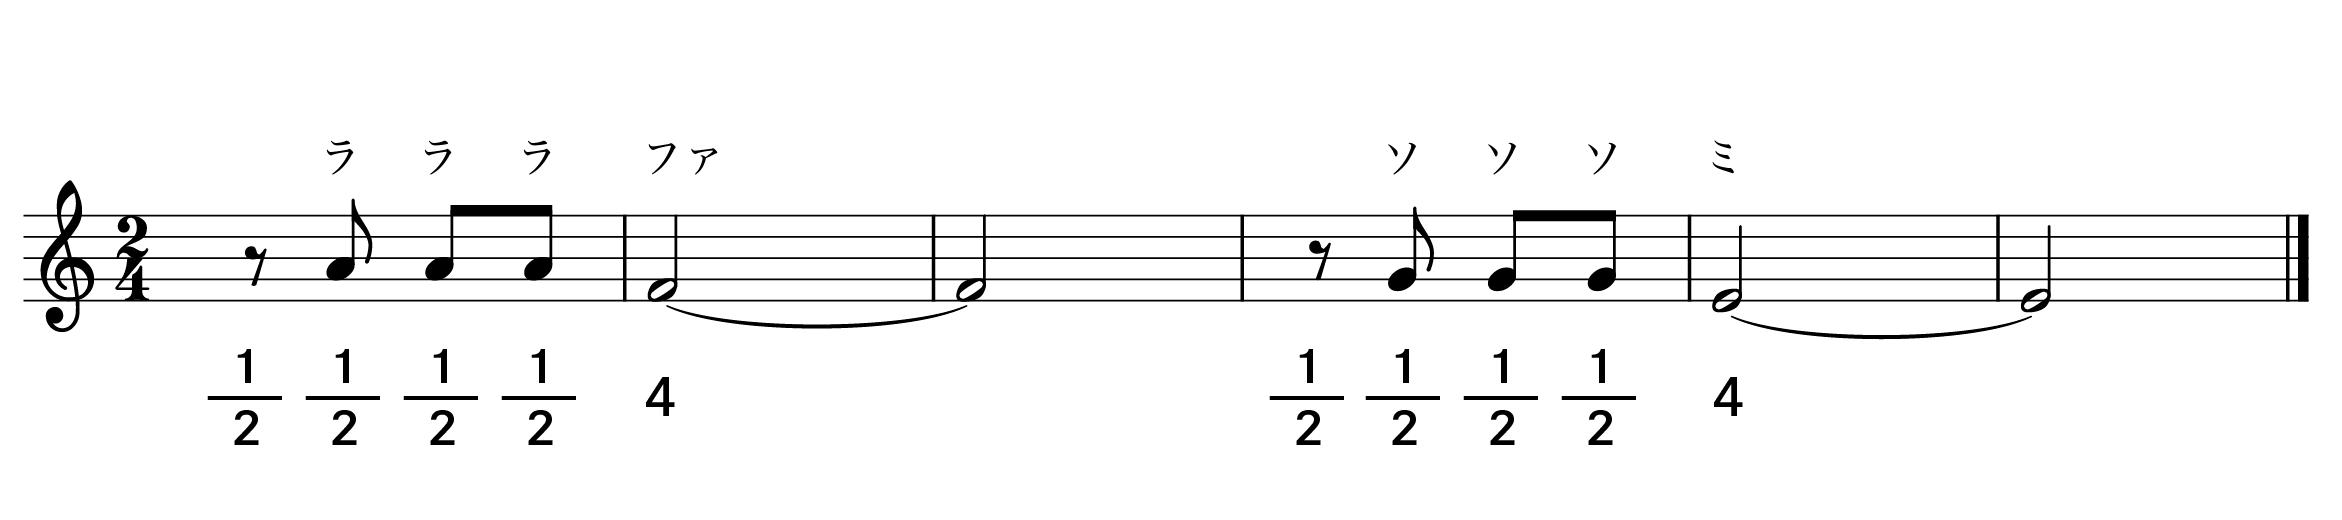 「がっかり」のメロディーの楽譜